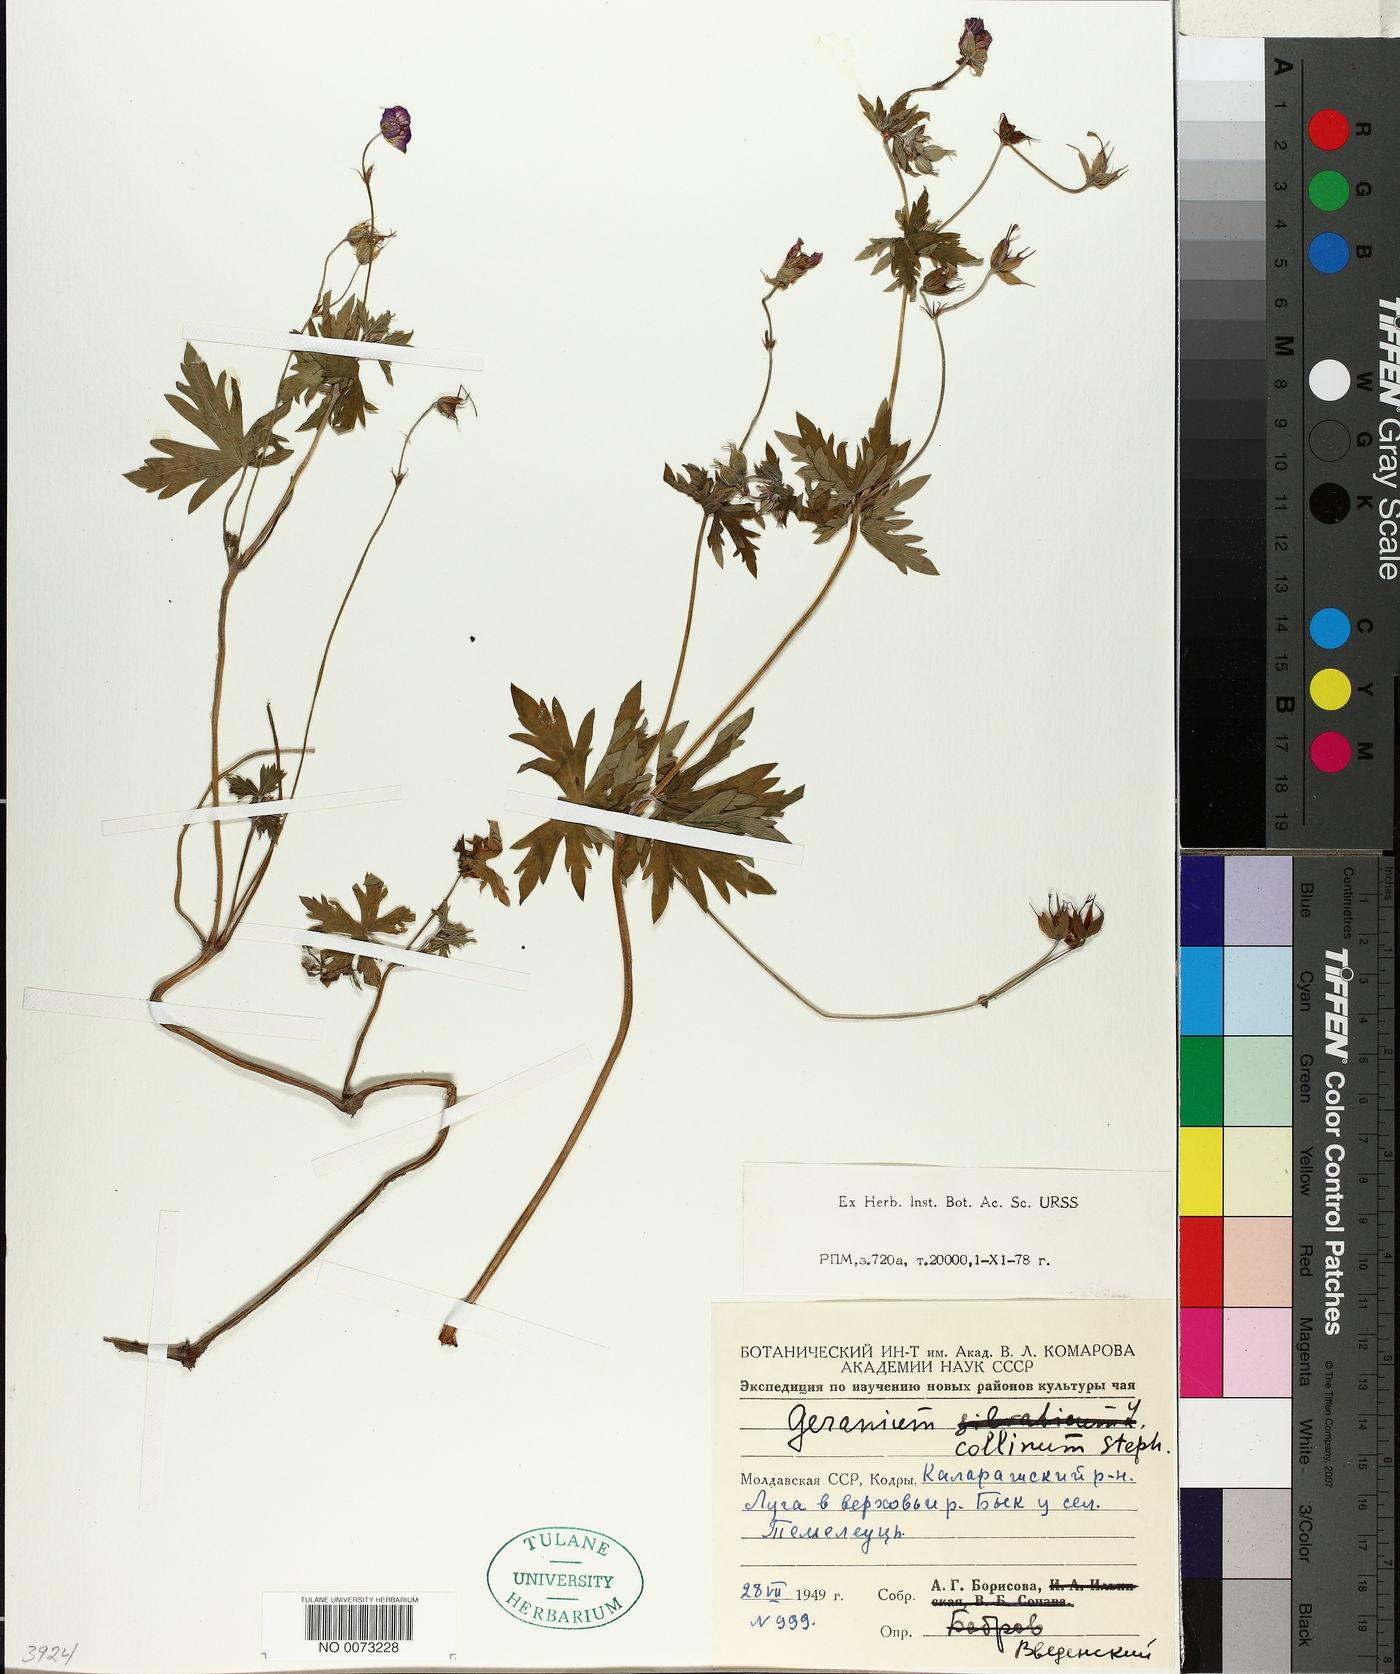 Geranium collinum image